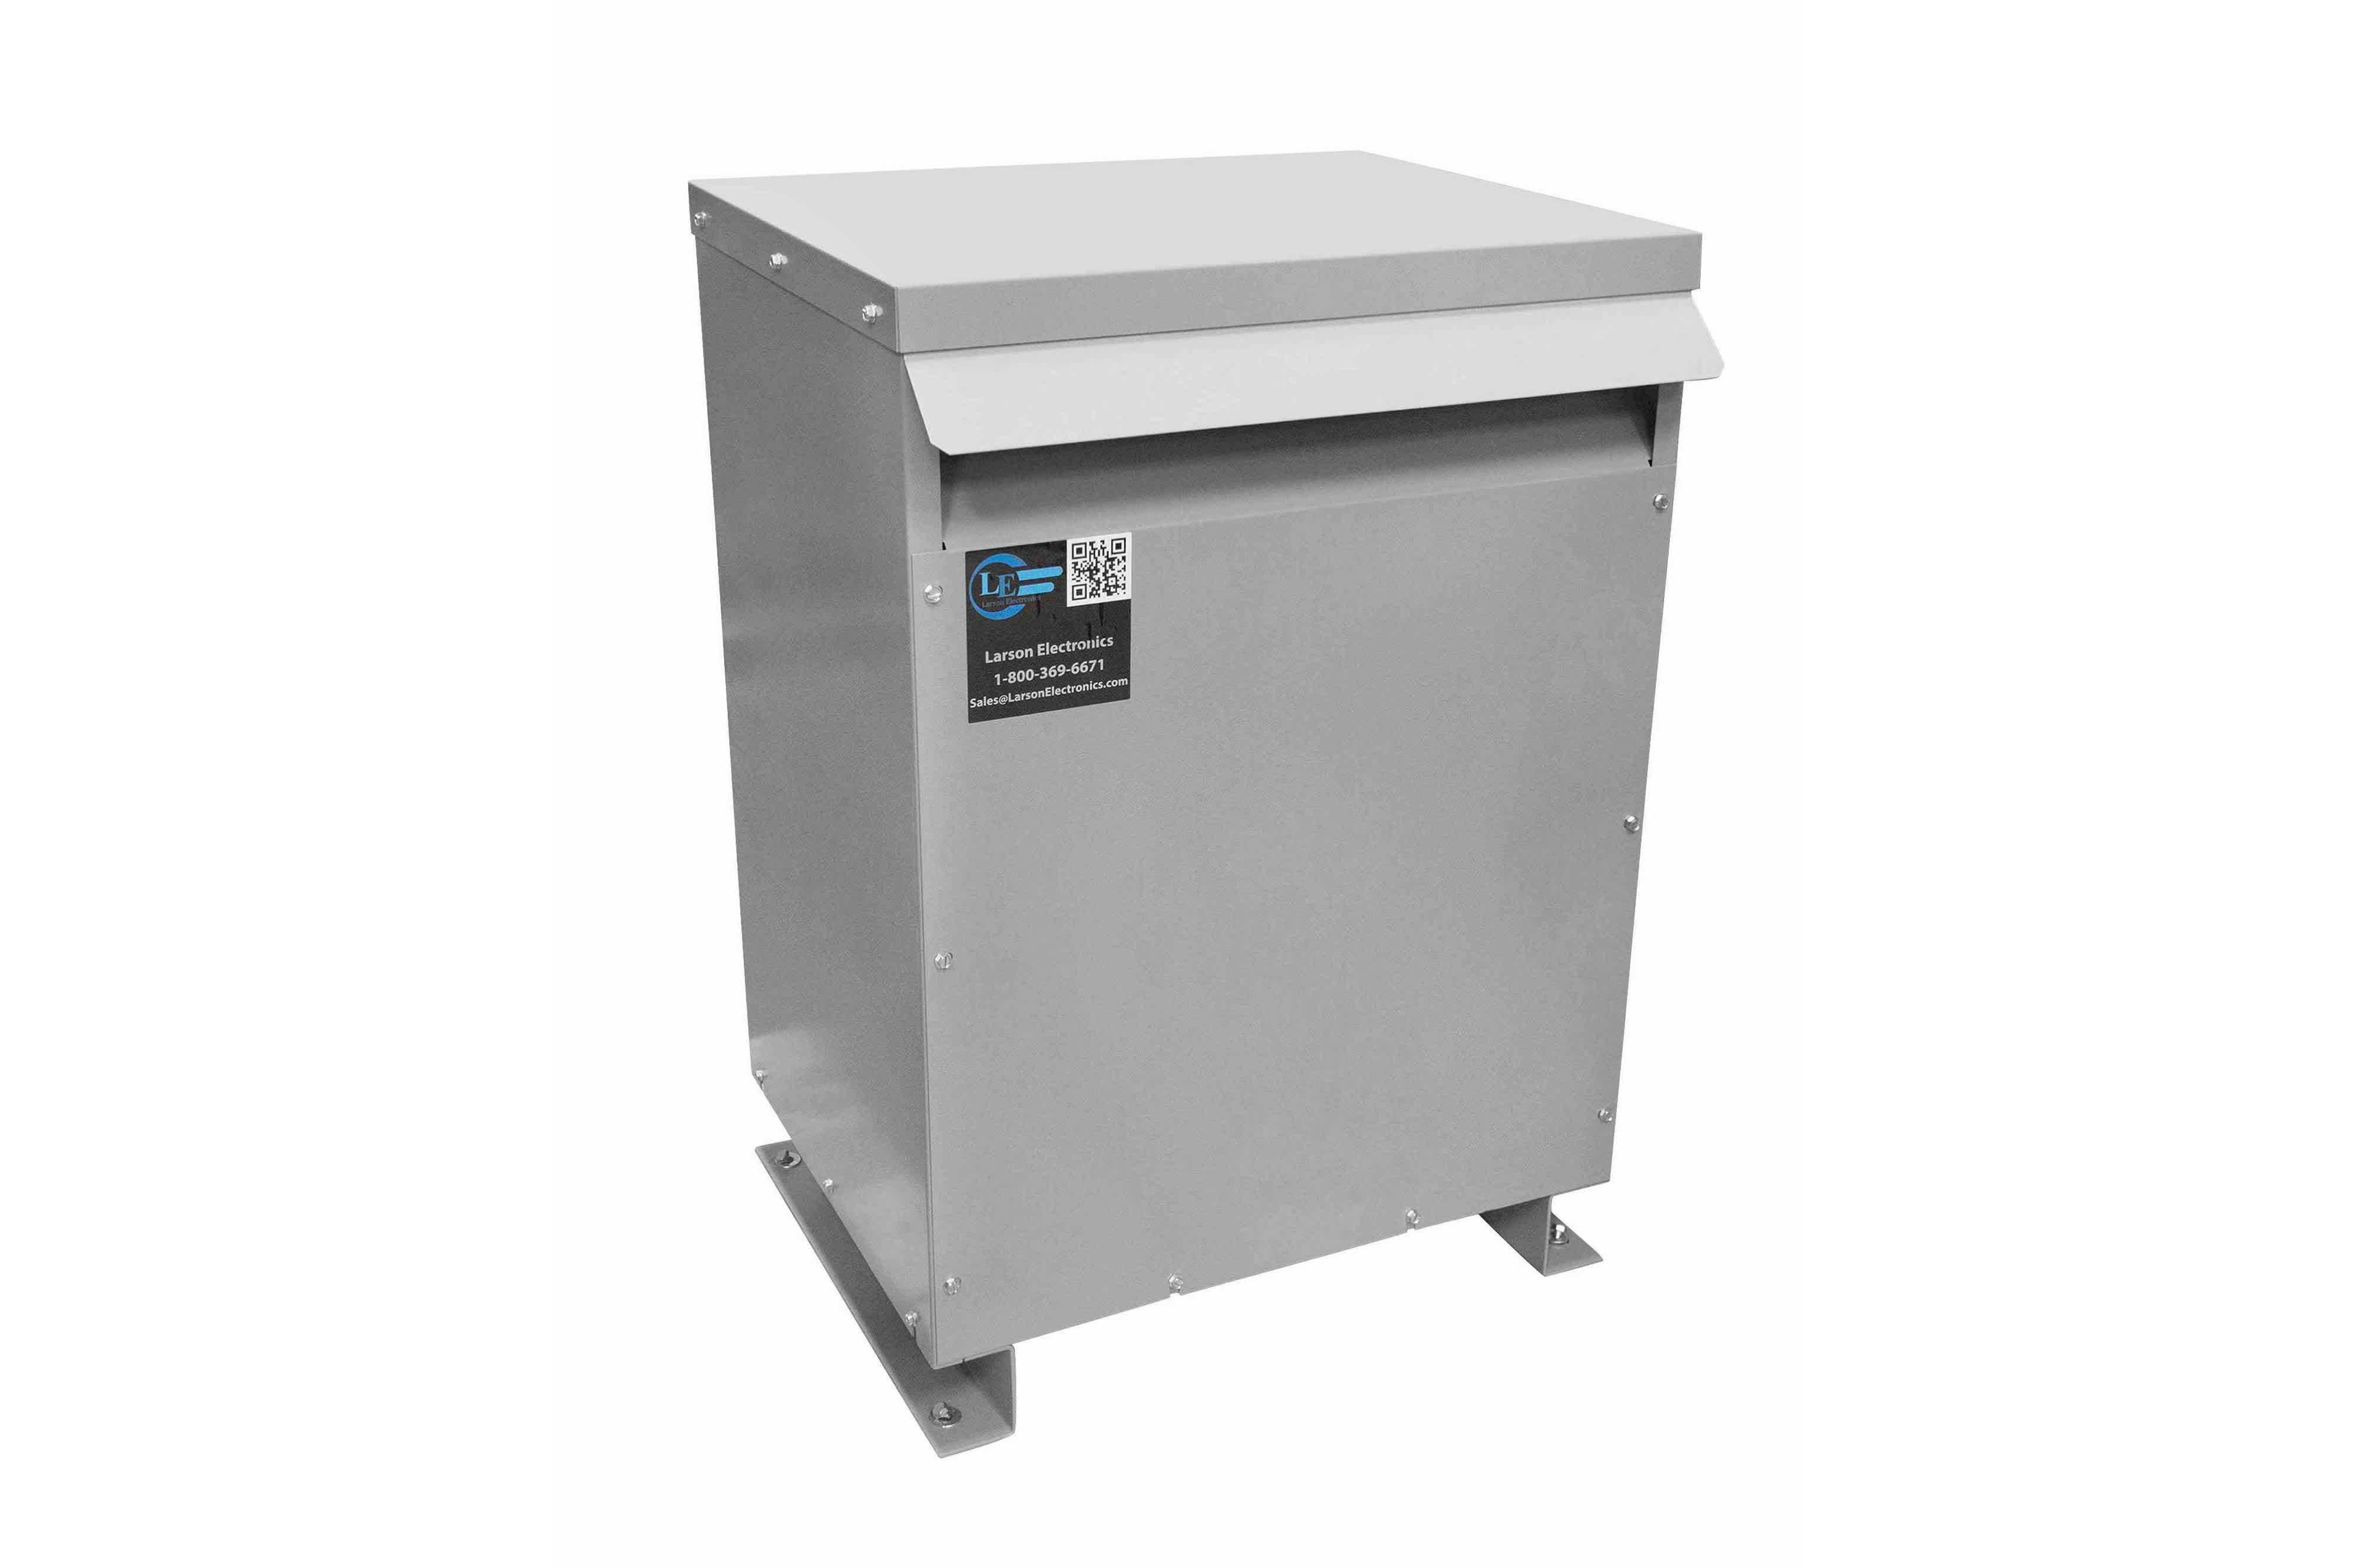 80 kVA 3PH Isolation Transformer, 400V Delta Primary, 480V Delta Secondary, N3R, Ventilated, 60 Hz